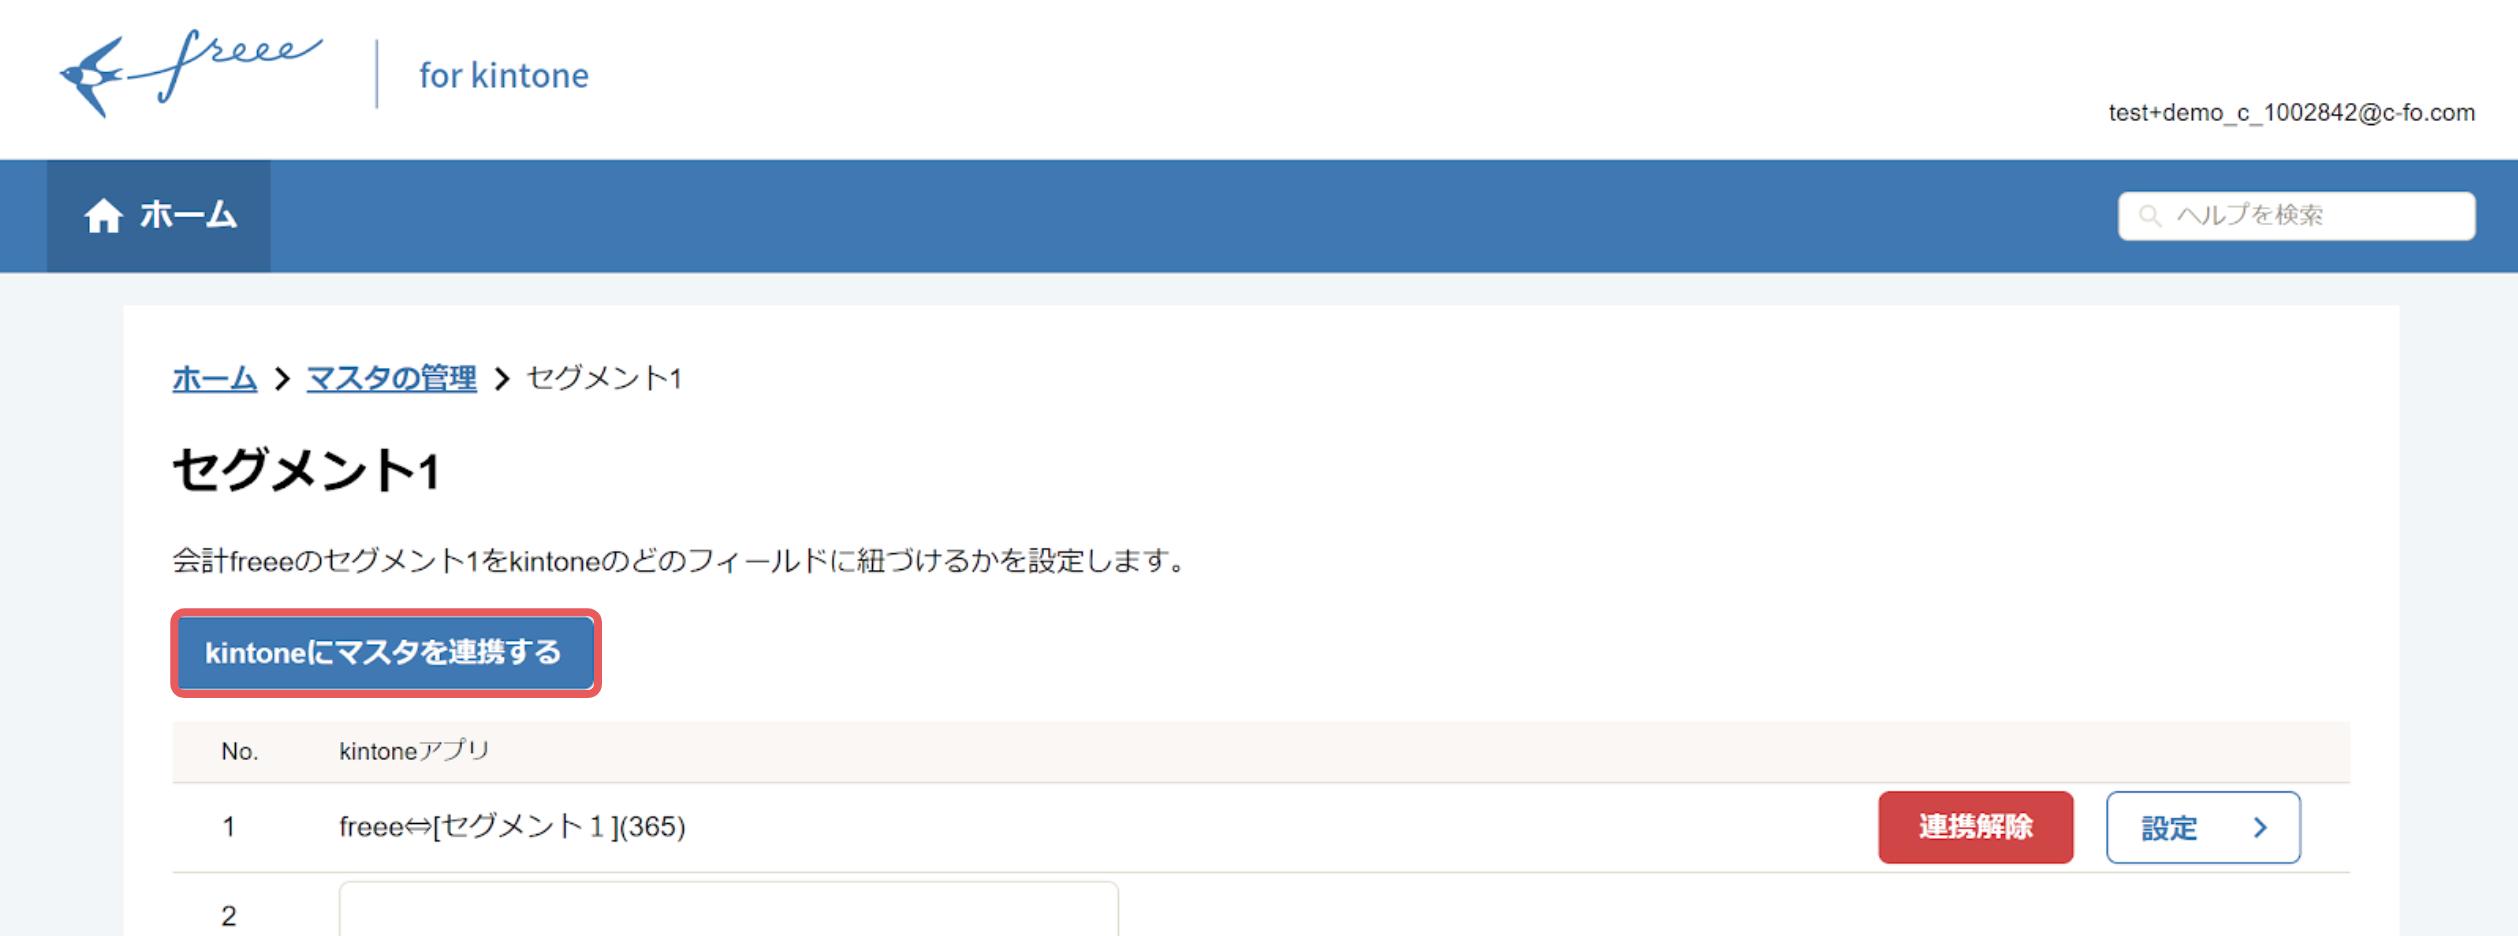 Screen_Shot_2020-07-09_at_16.43.48.png